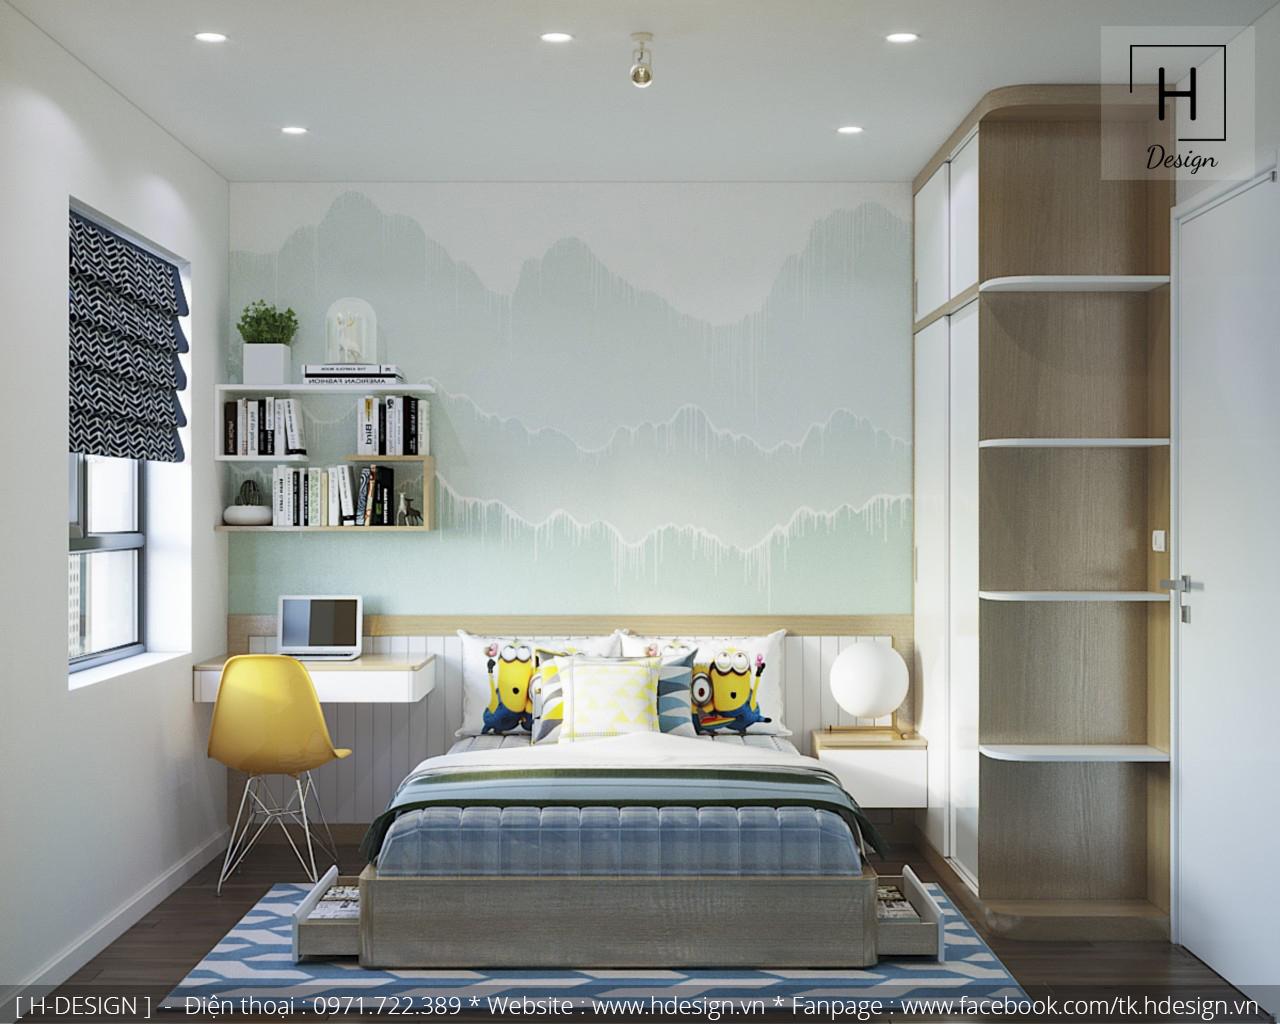 Thiết kế nội thất phòng ngủ con tại căn hộ 2 phòng ngủ Kosmo Tây Hồ 1